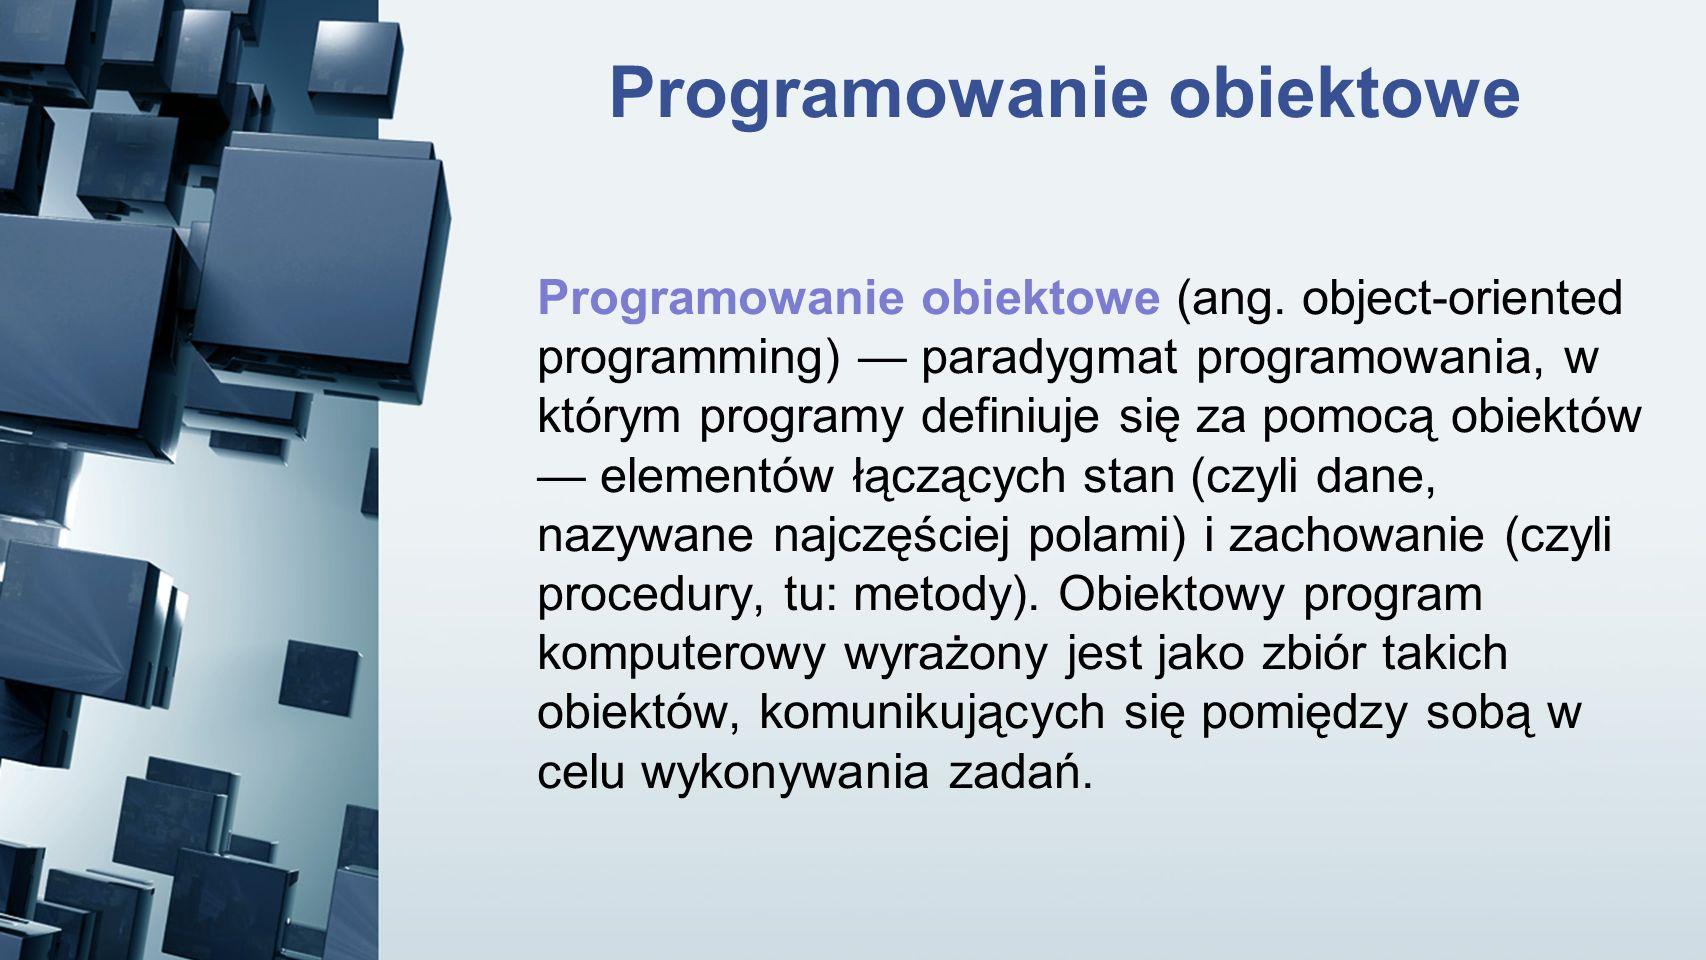 Programowanie obiektowe Programowanie obiektowe (ang. object-oriented programming) paradygmat programowania, w którym programy definiuje się za pomocą